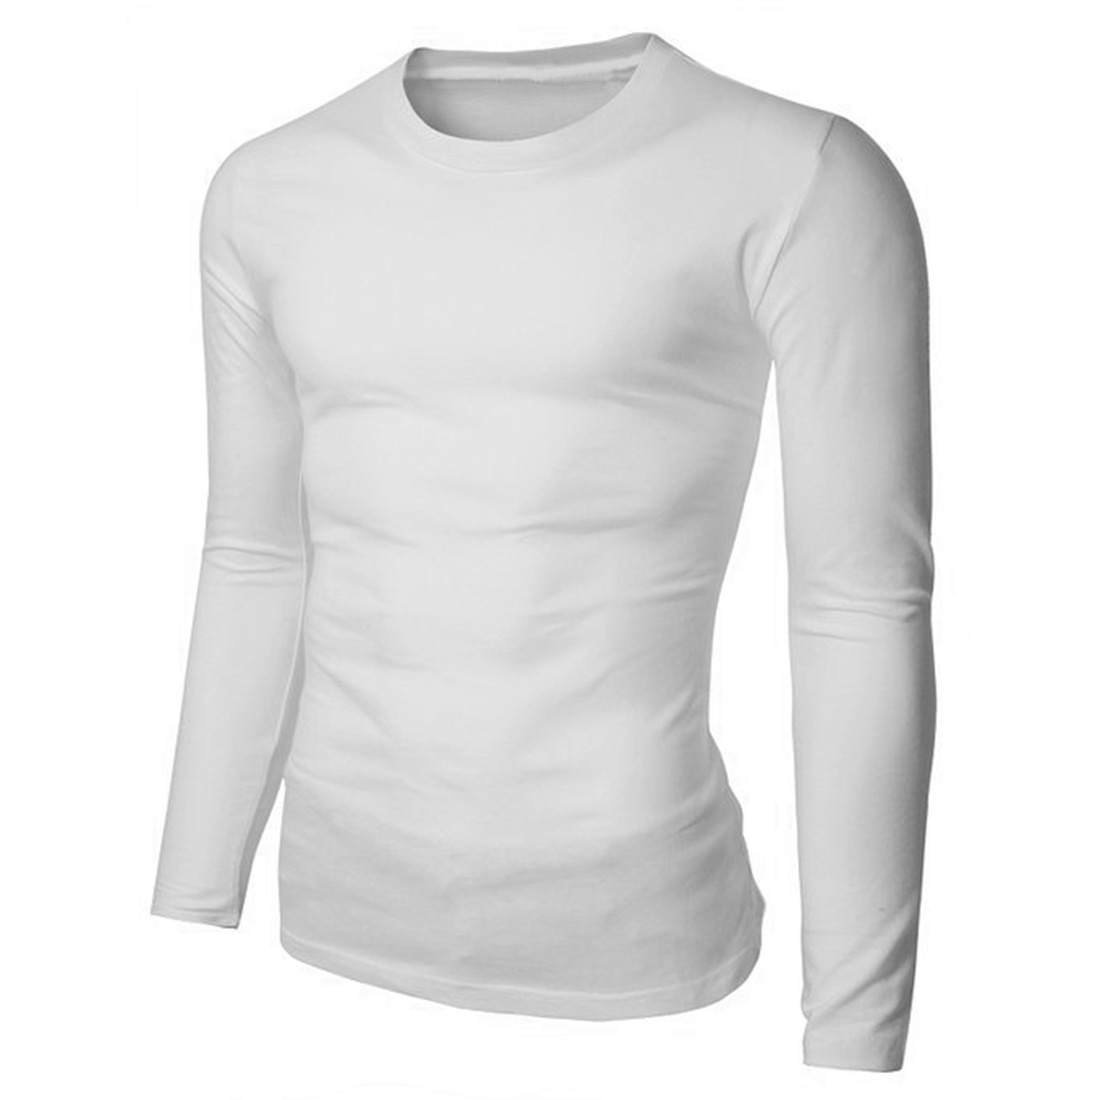 100 cotton mens slim basic tee t shirt long sleeve v neck for Slim v neck t shirt